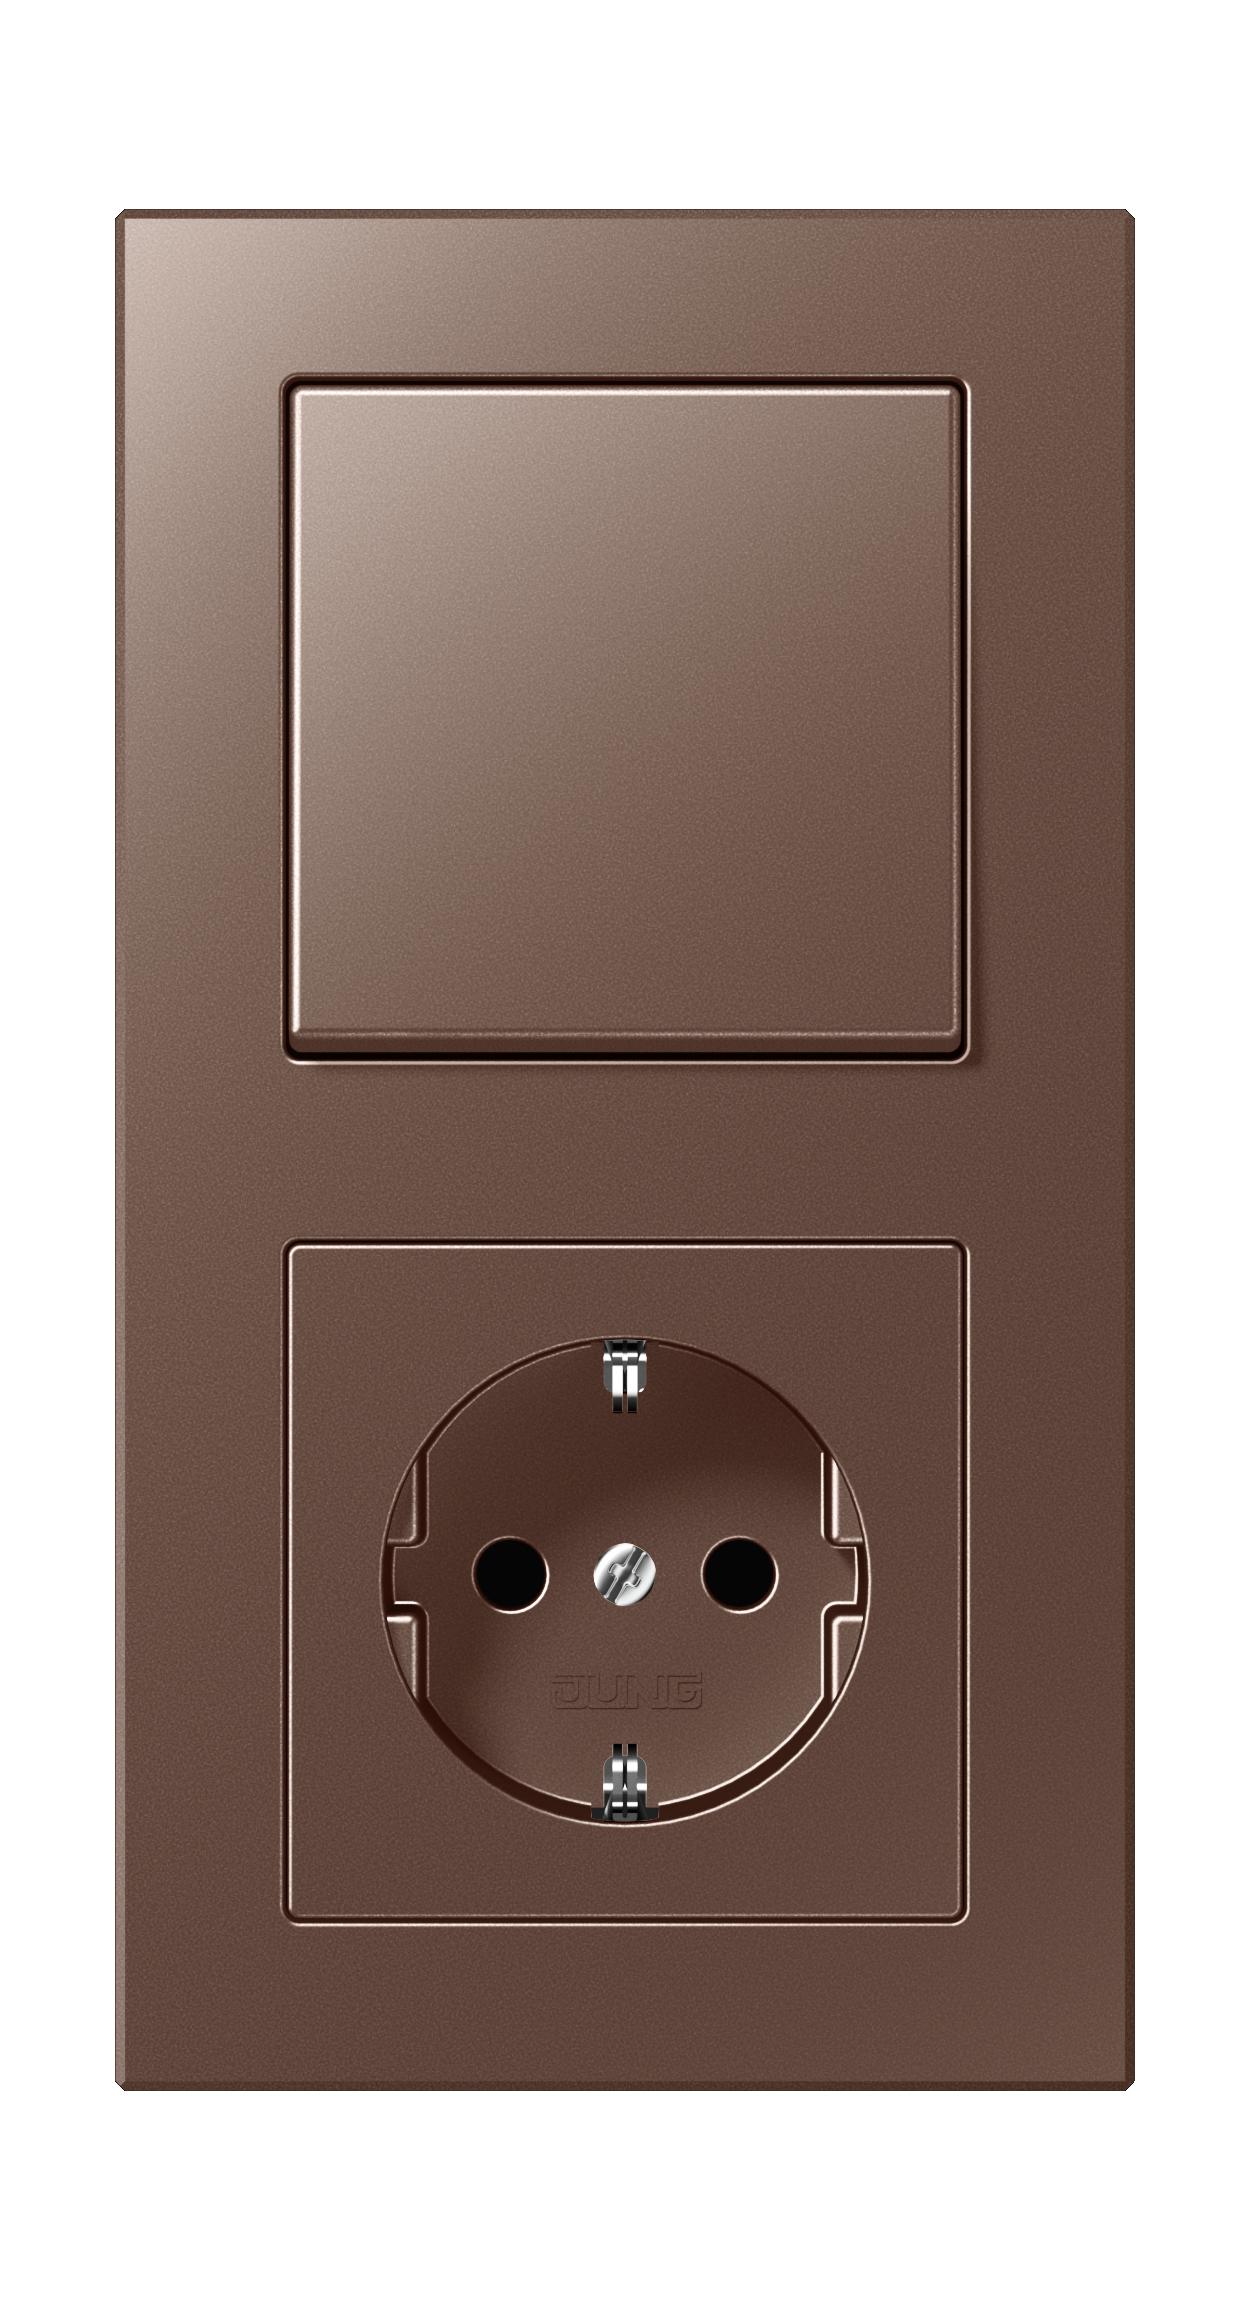 JUNG_AC_mocha_switch-socket